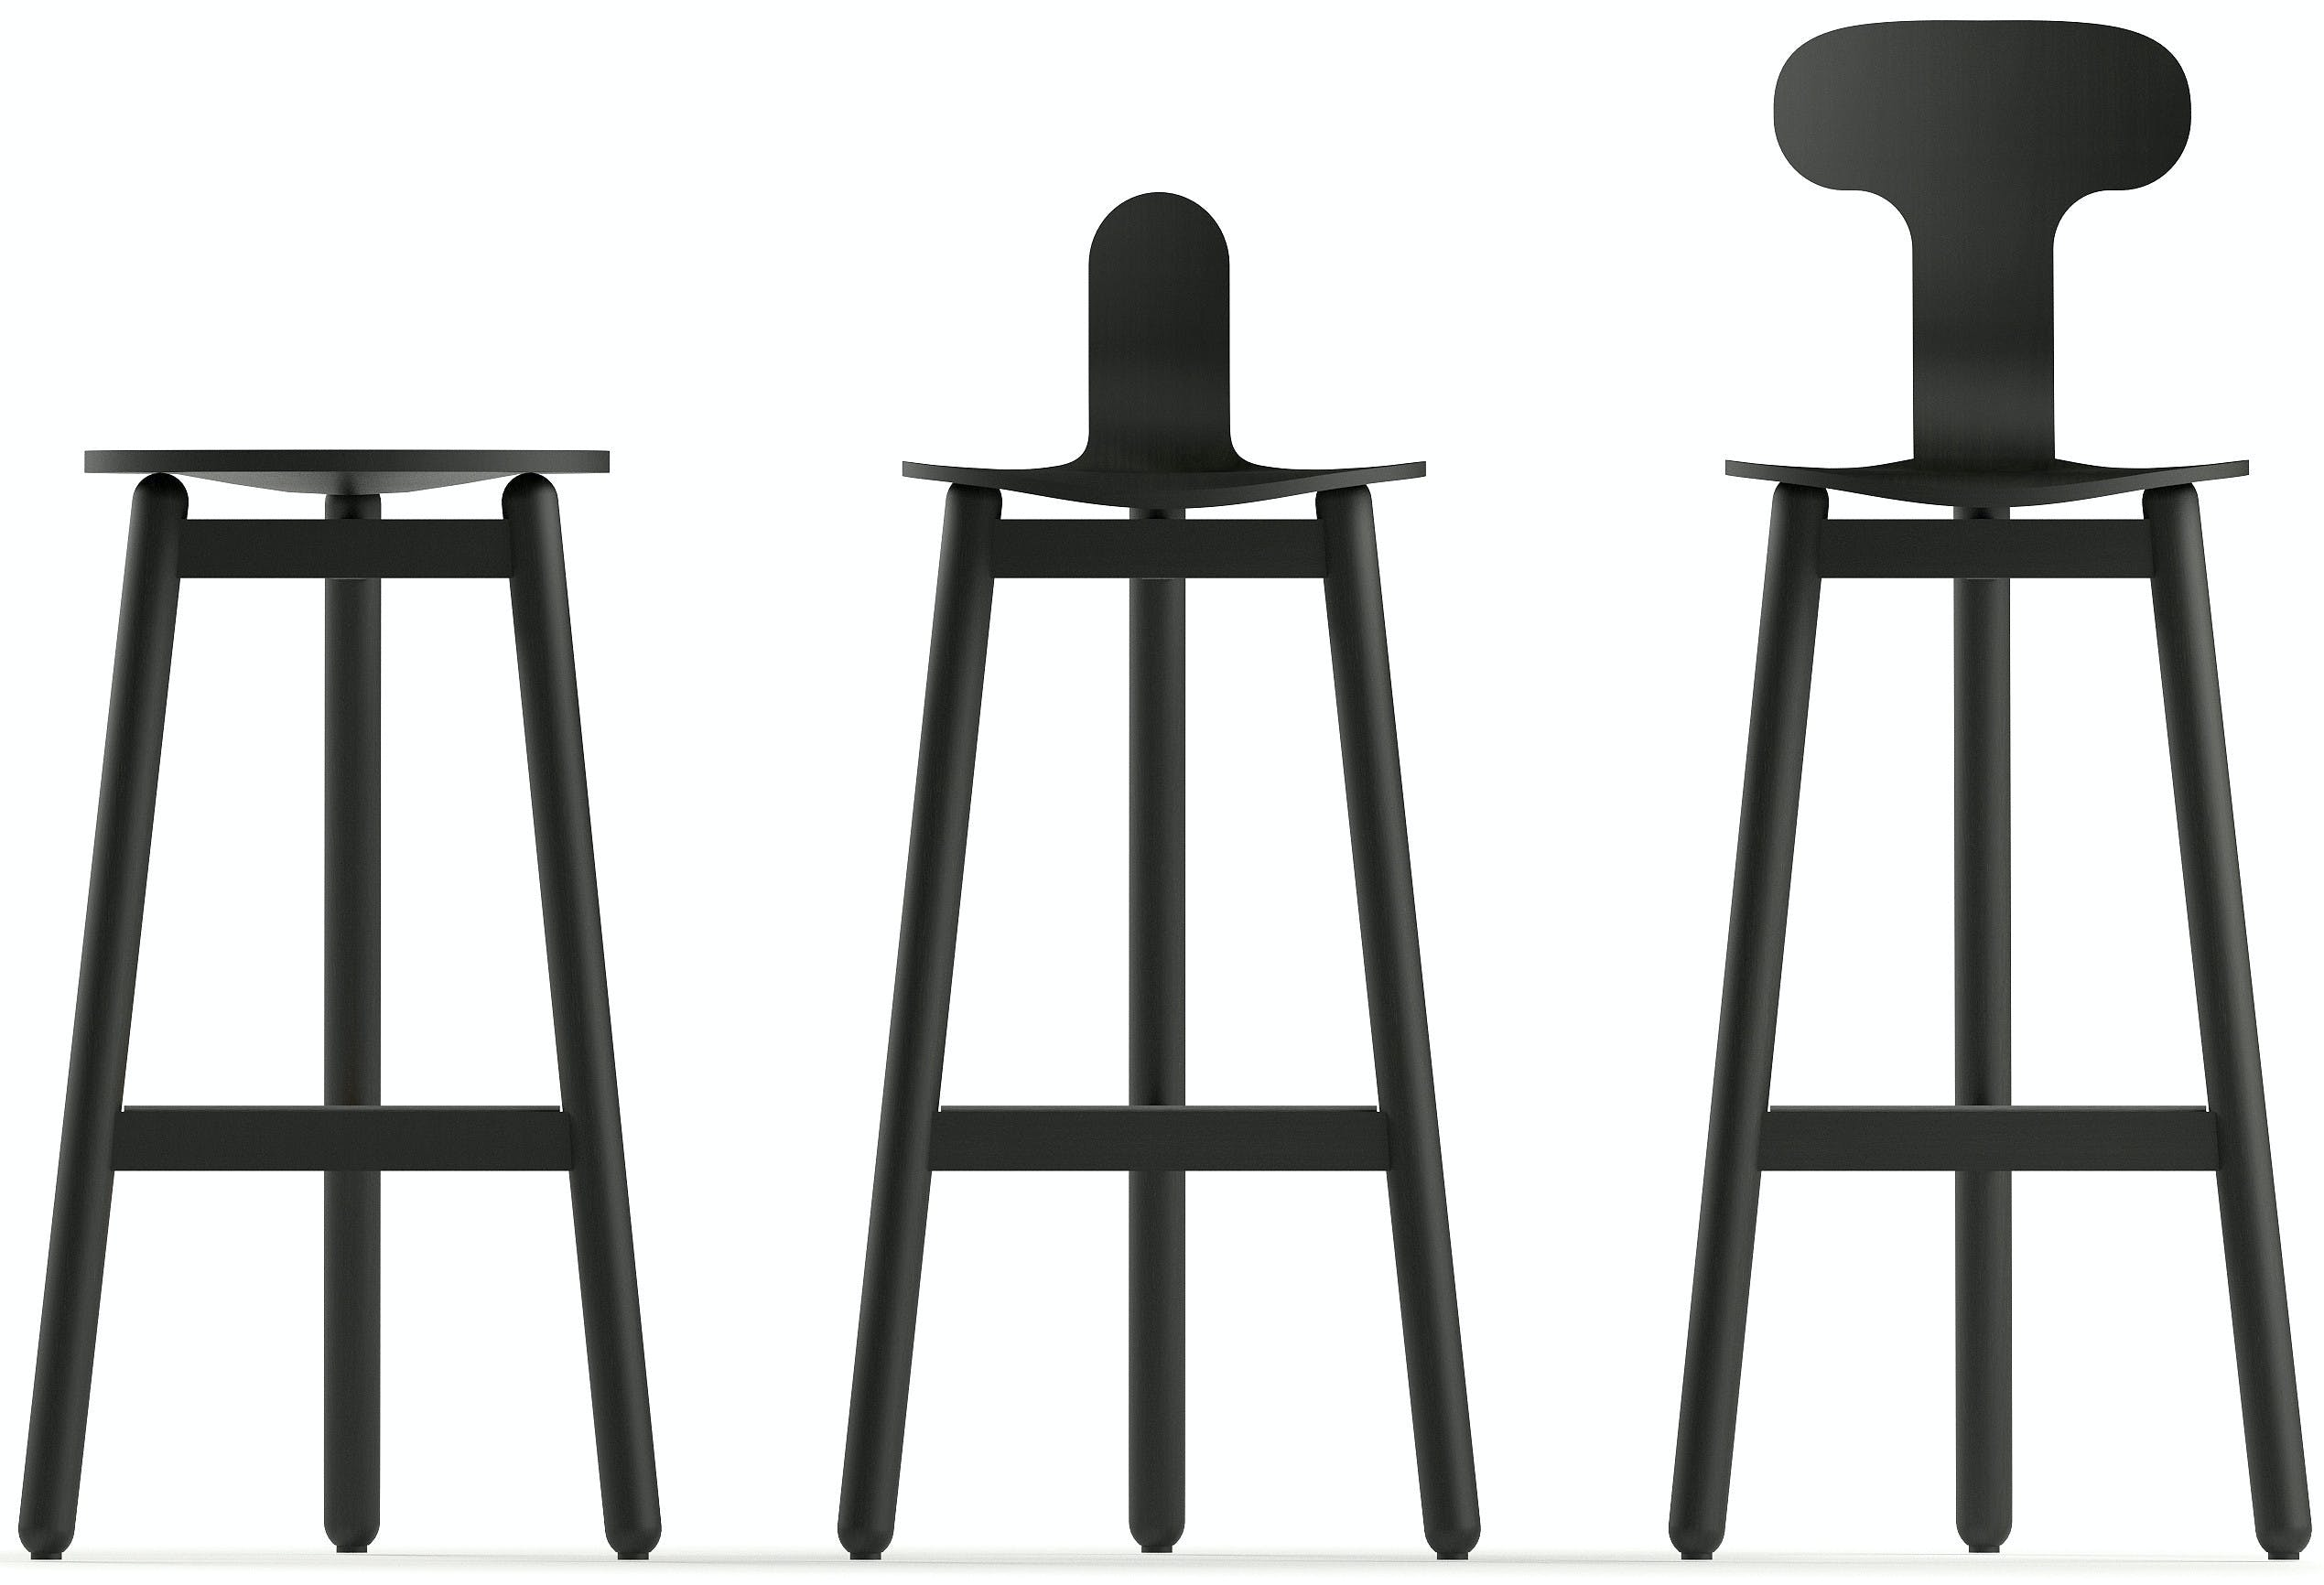 Dum-furniture-back-variations-beech-stool-haute-living